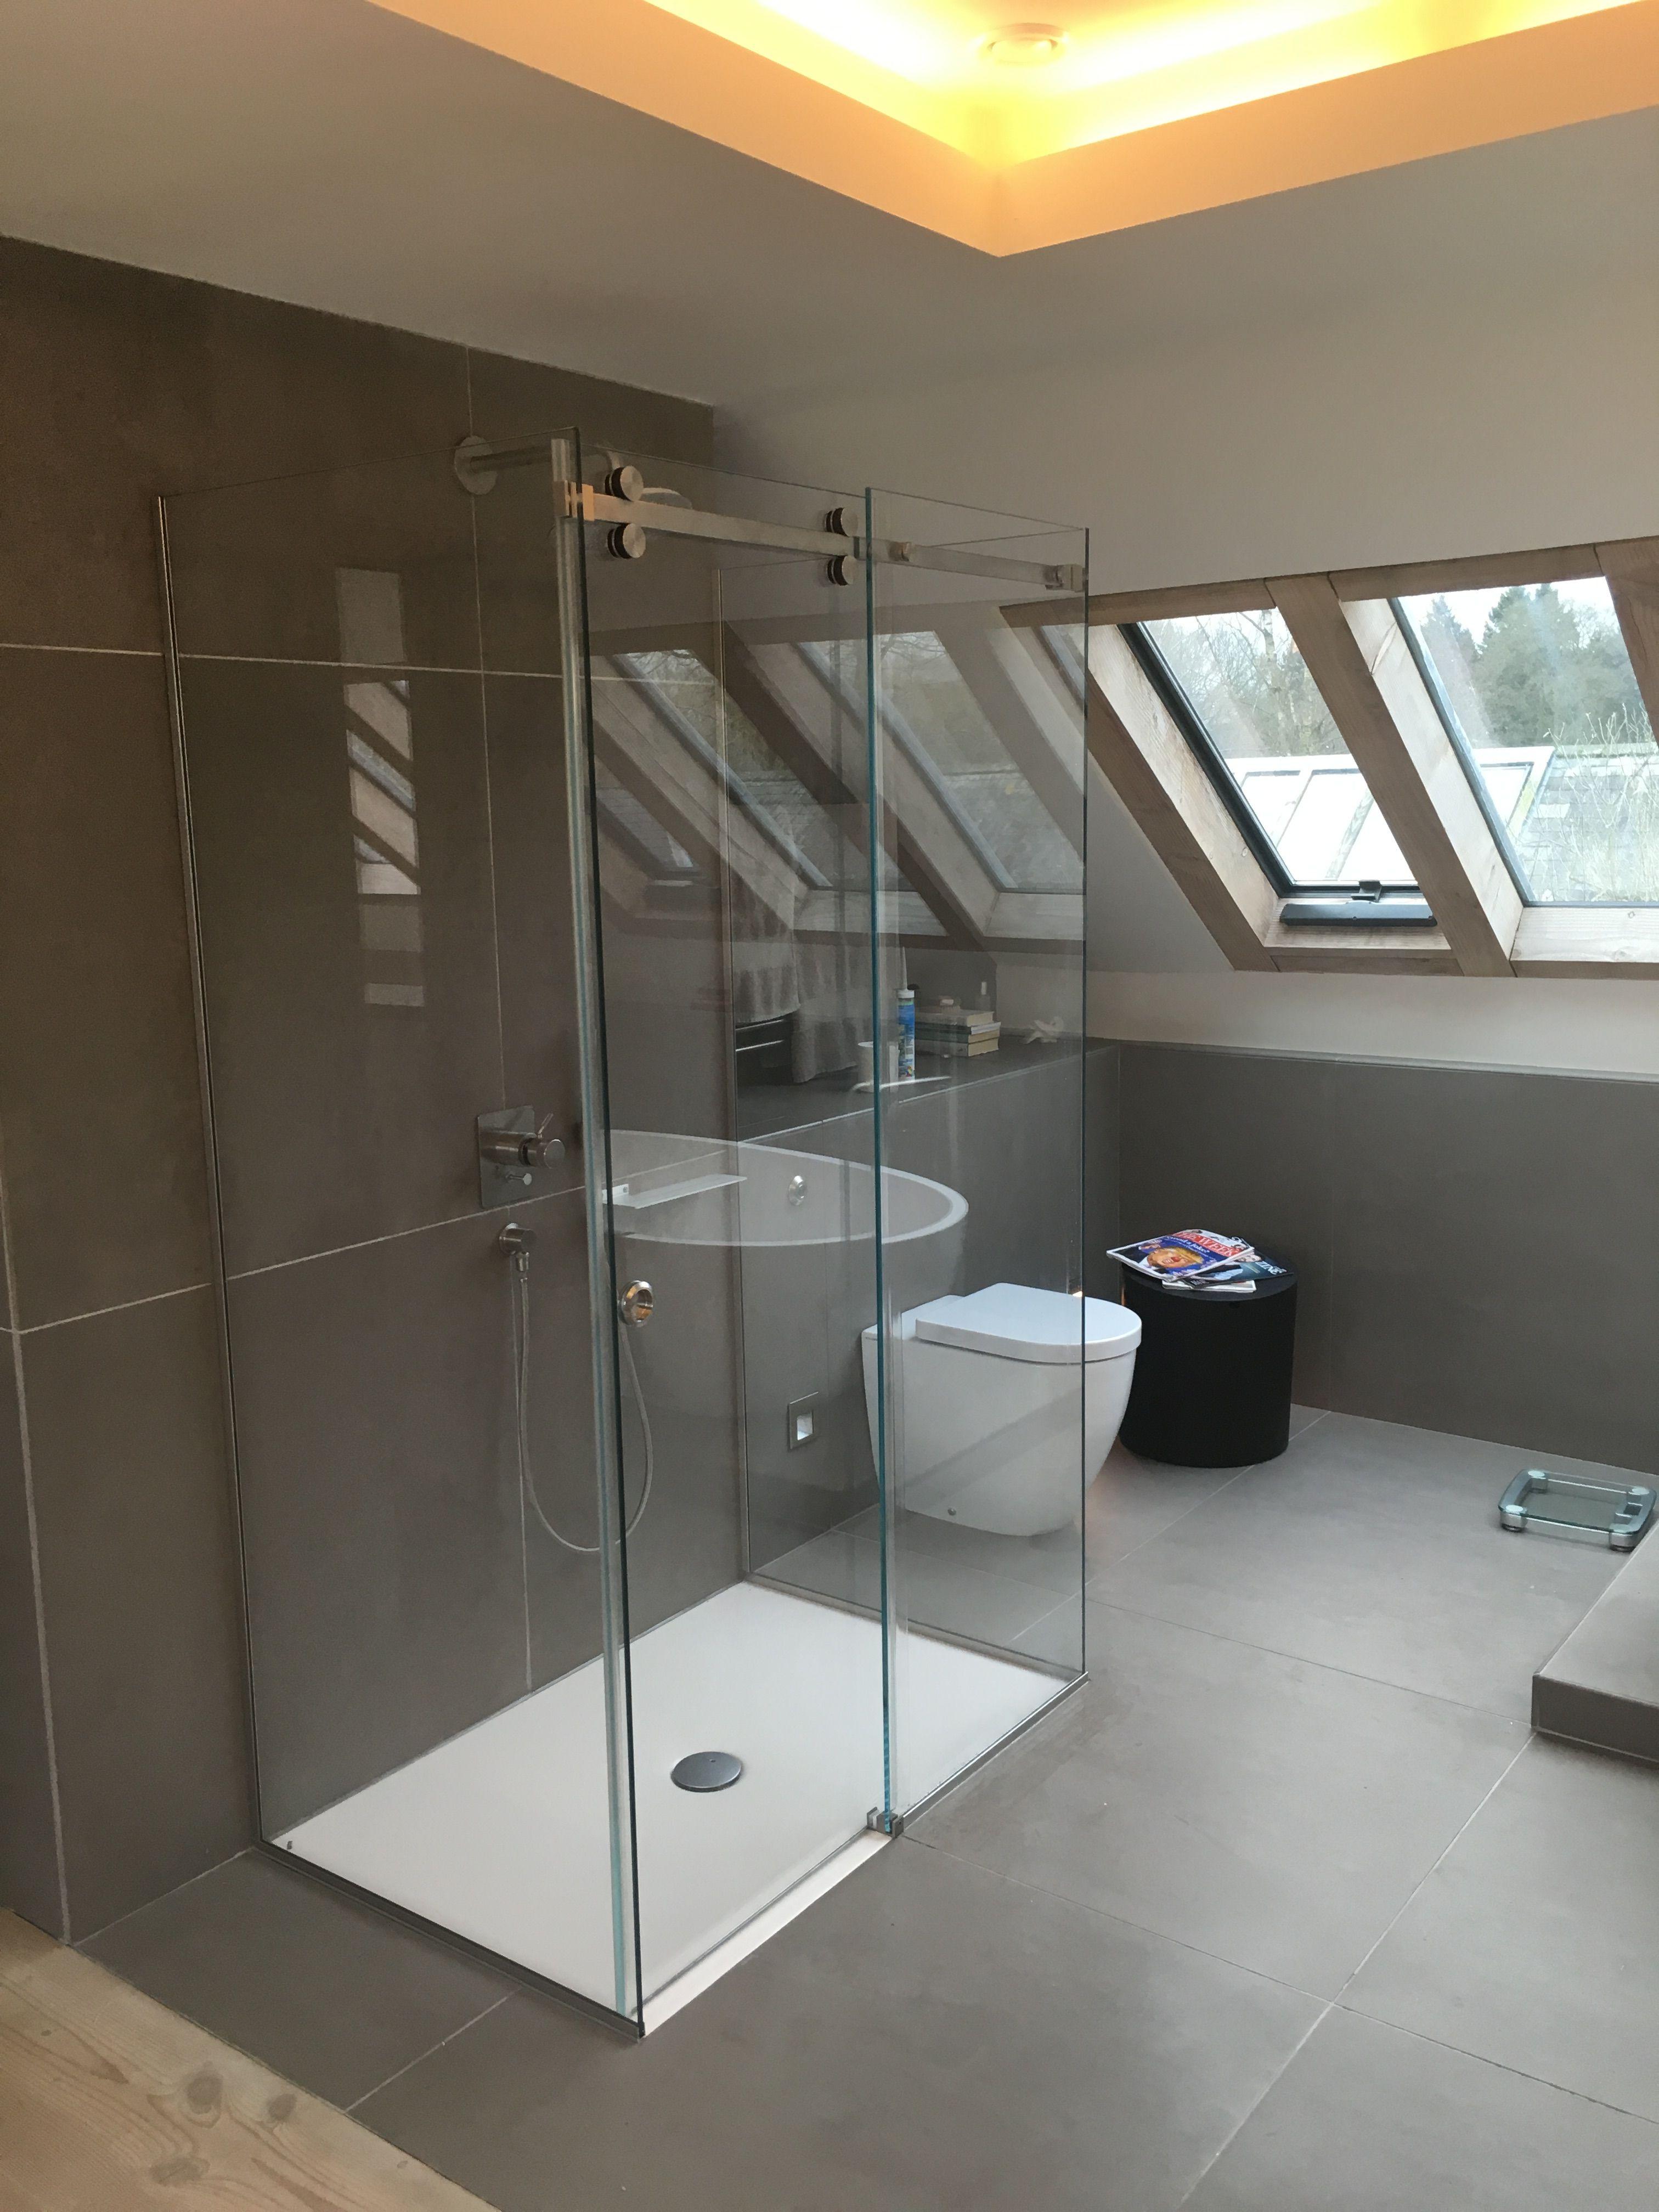 Frameless 3 sided sliding shower enclosure - installed in ...